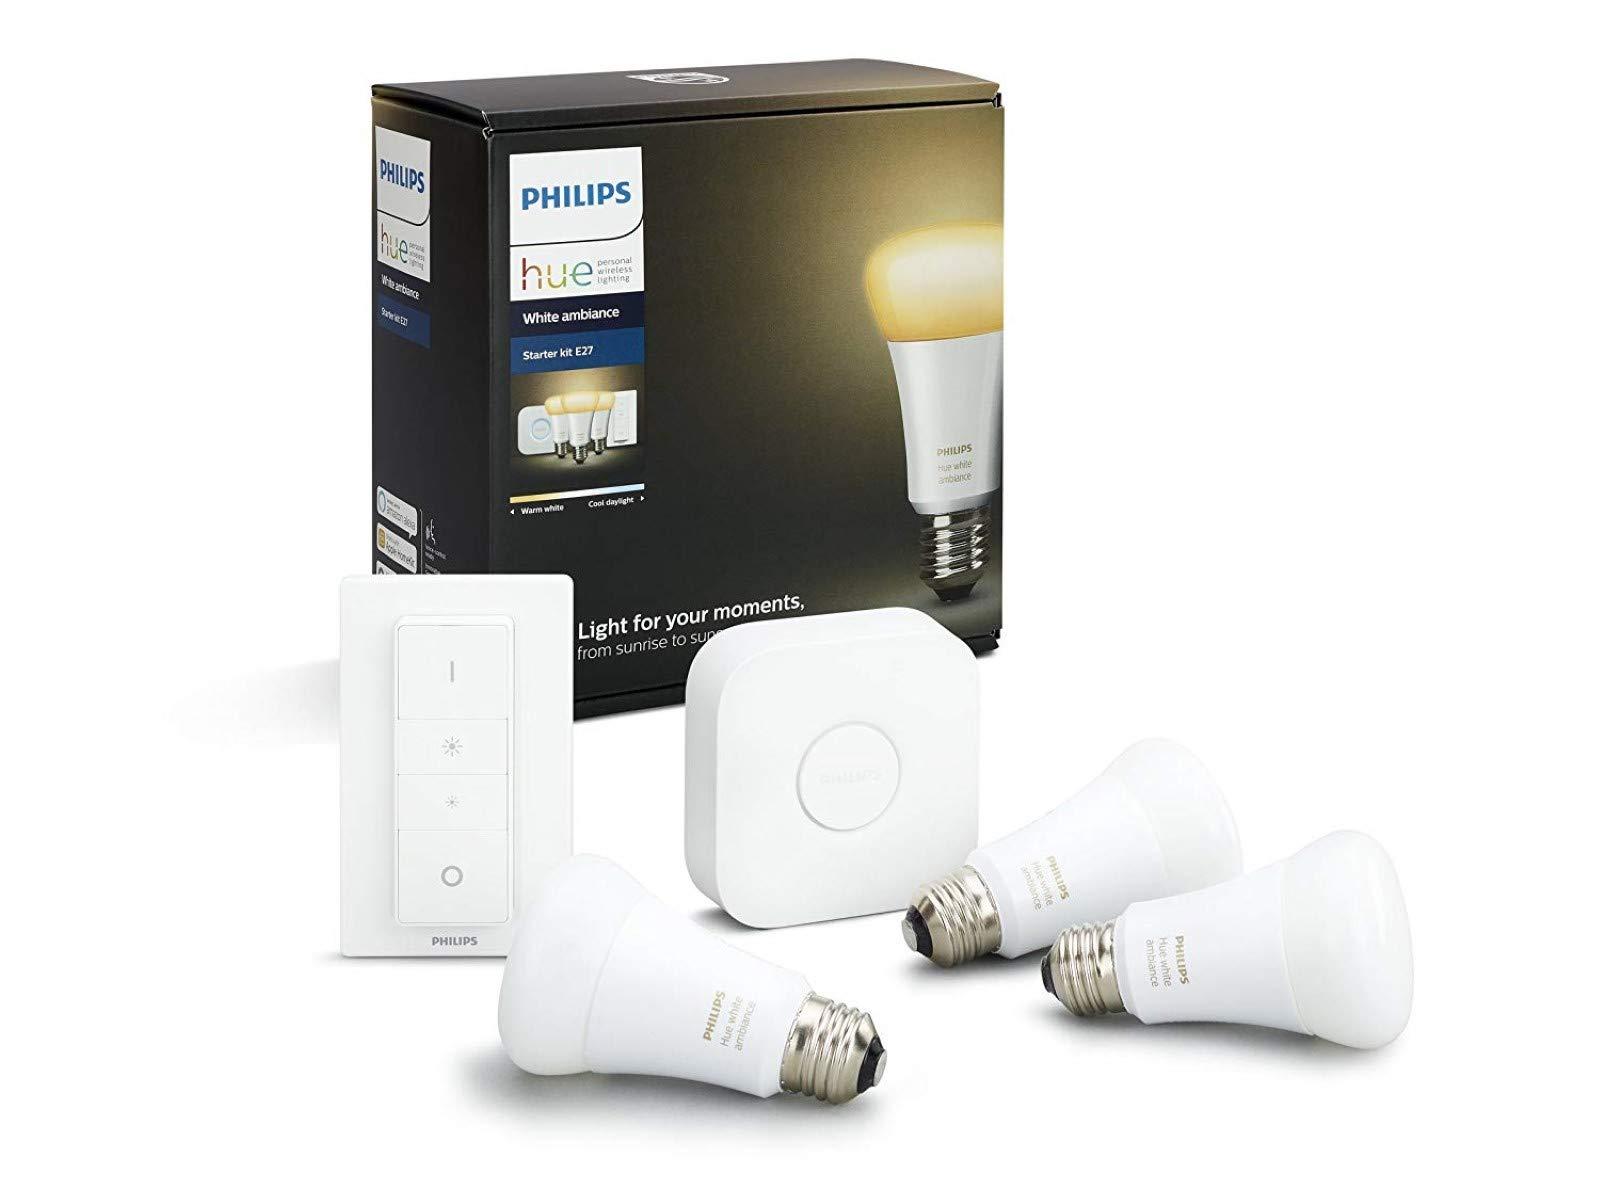 Philips Hue White Ambiance E27 LED Lampe Starter Set, drei Lampen inkl. Bridge und Dimmschalter, alle Weißschattierungen, steuerbar via App, kompatibel mit Amazon Alexa (Echo, Echo Dot), 8718696728925